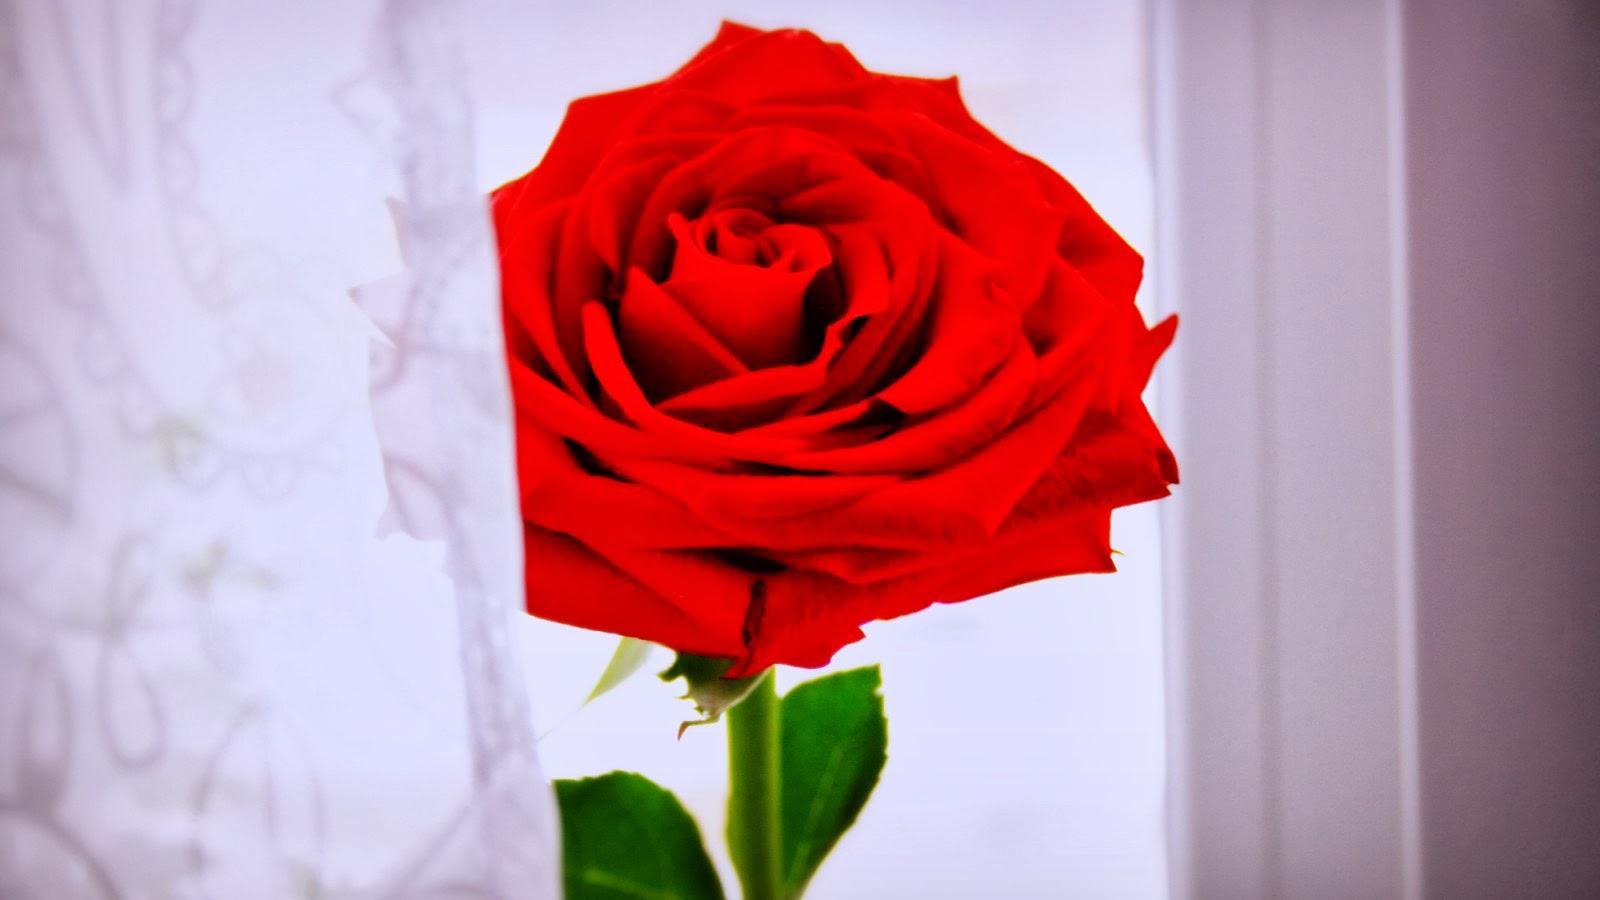 صور ورد رومانسي اجمل صور ورود تصلح خلفيات رومانسيه رائعه حبيبي